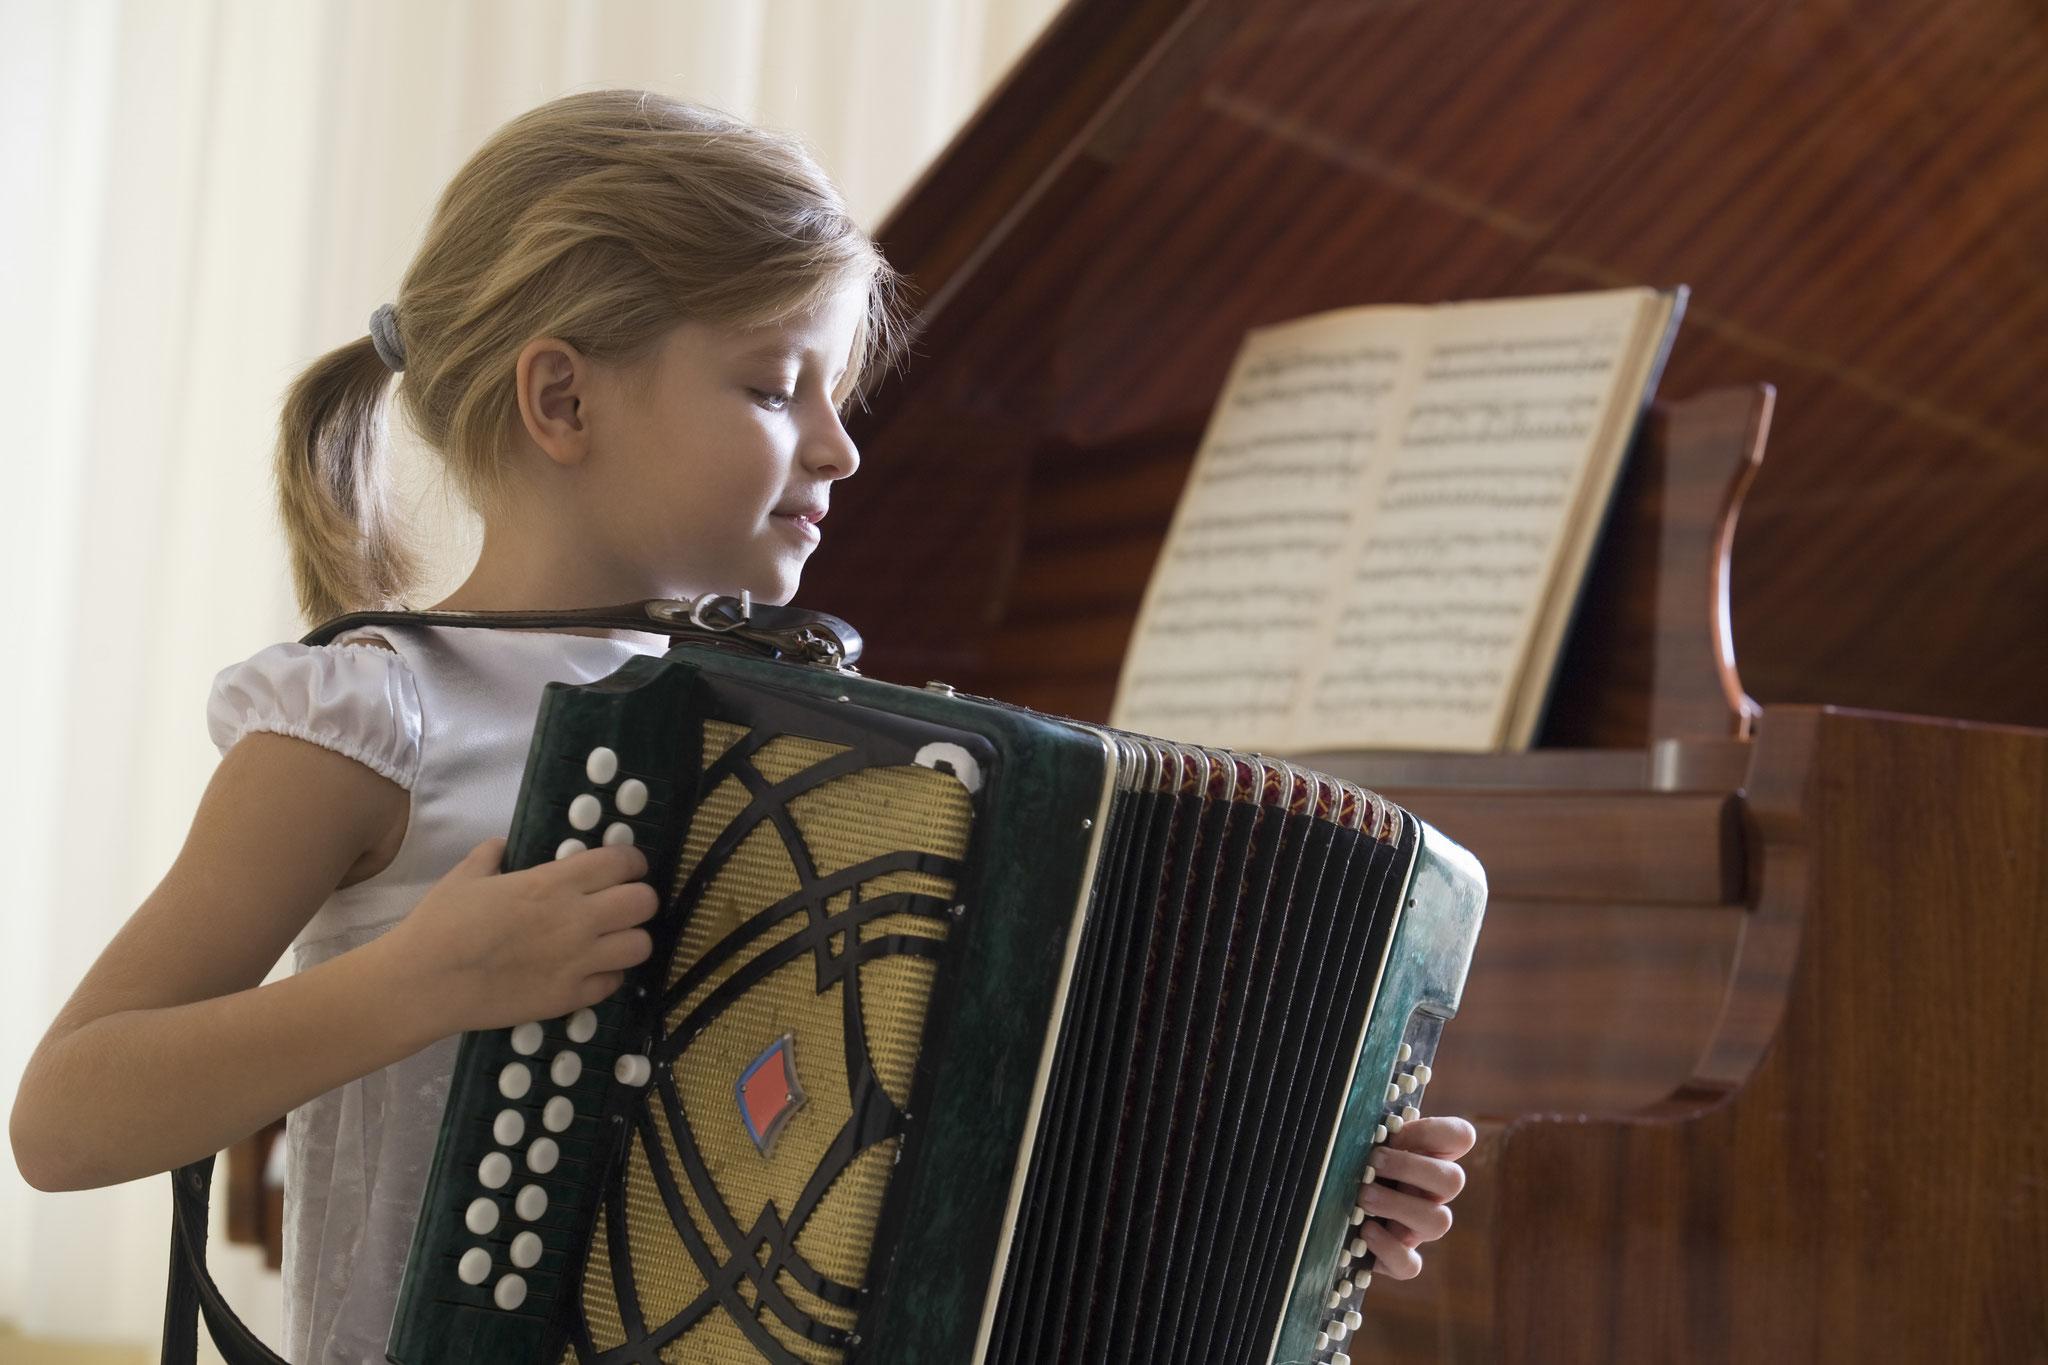 Tipp 6: Sa, 2.11., 10-13 Uhr: Schnupperunterricht in der Musikschule (Maratstraße 182) © moodboard, Adobe Stock